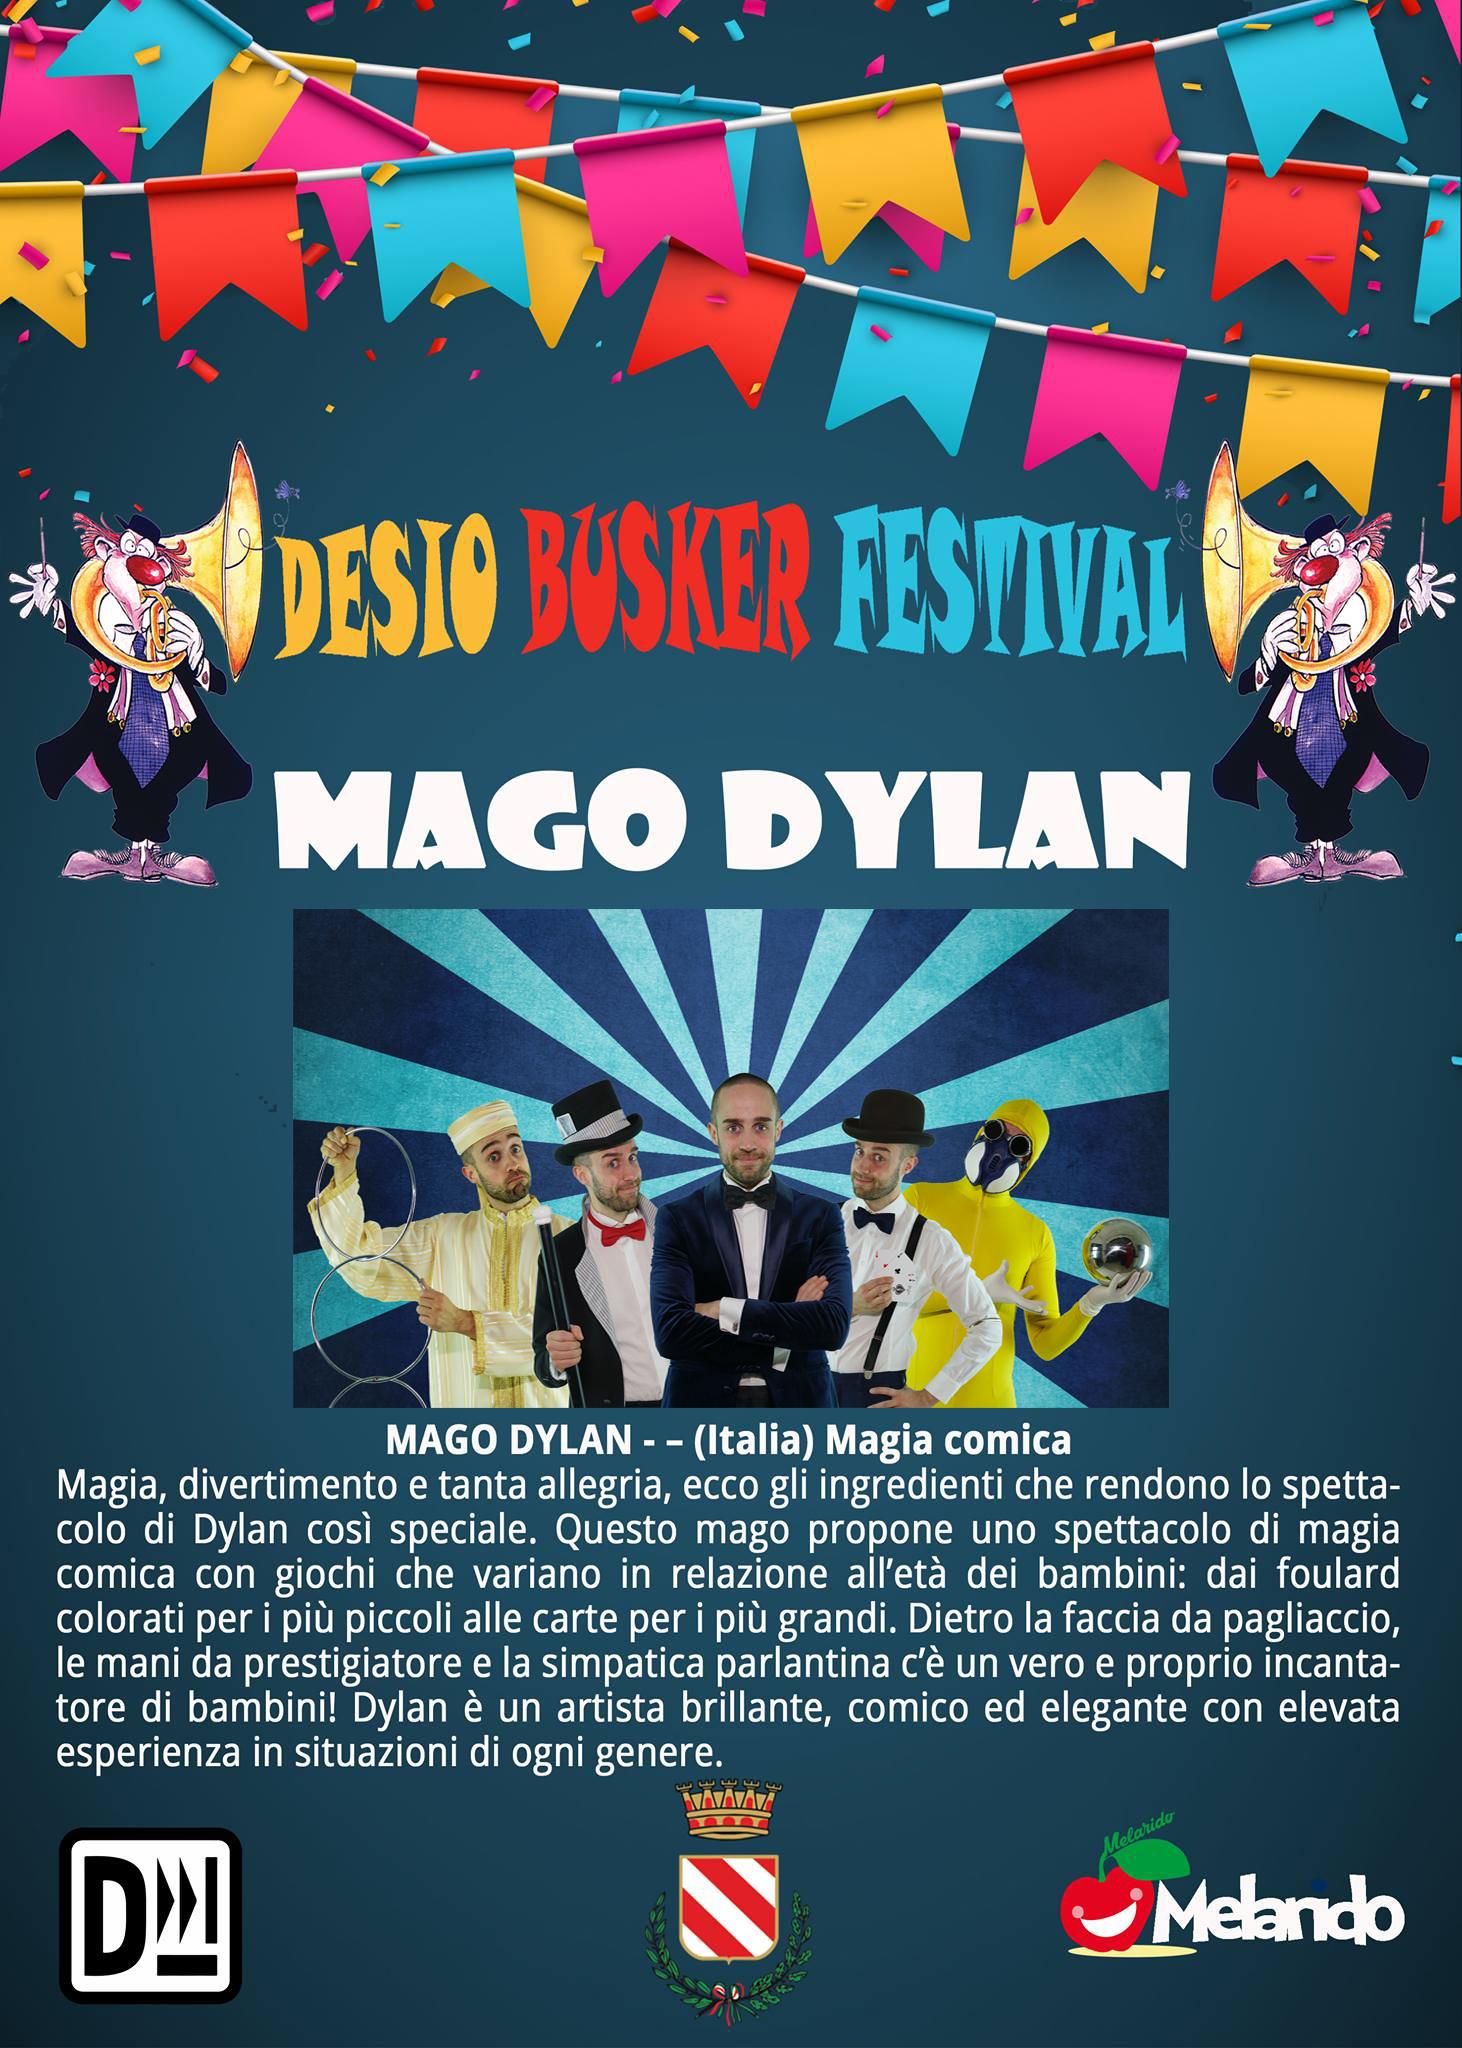 busker Festival desio locandina